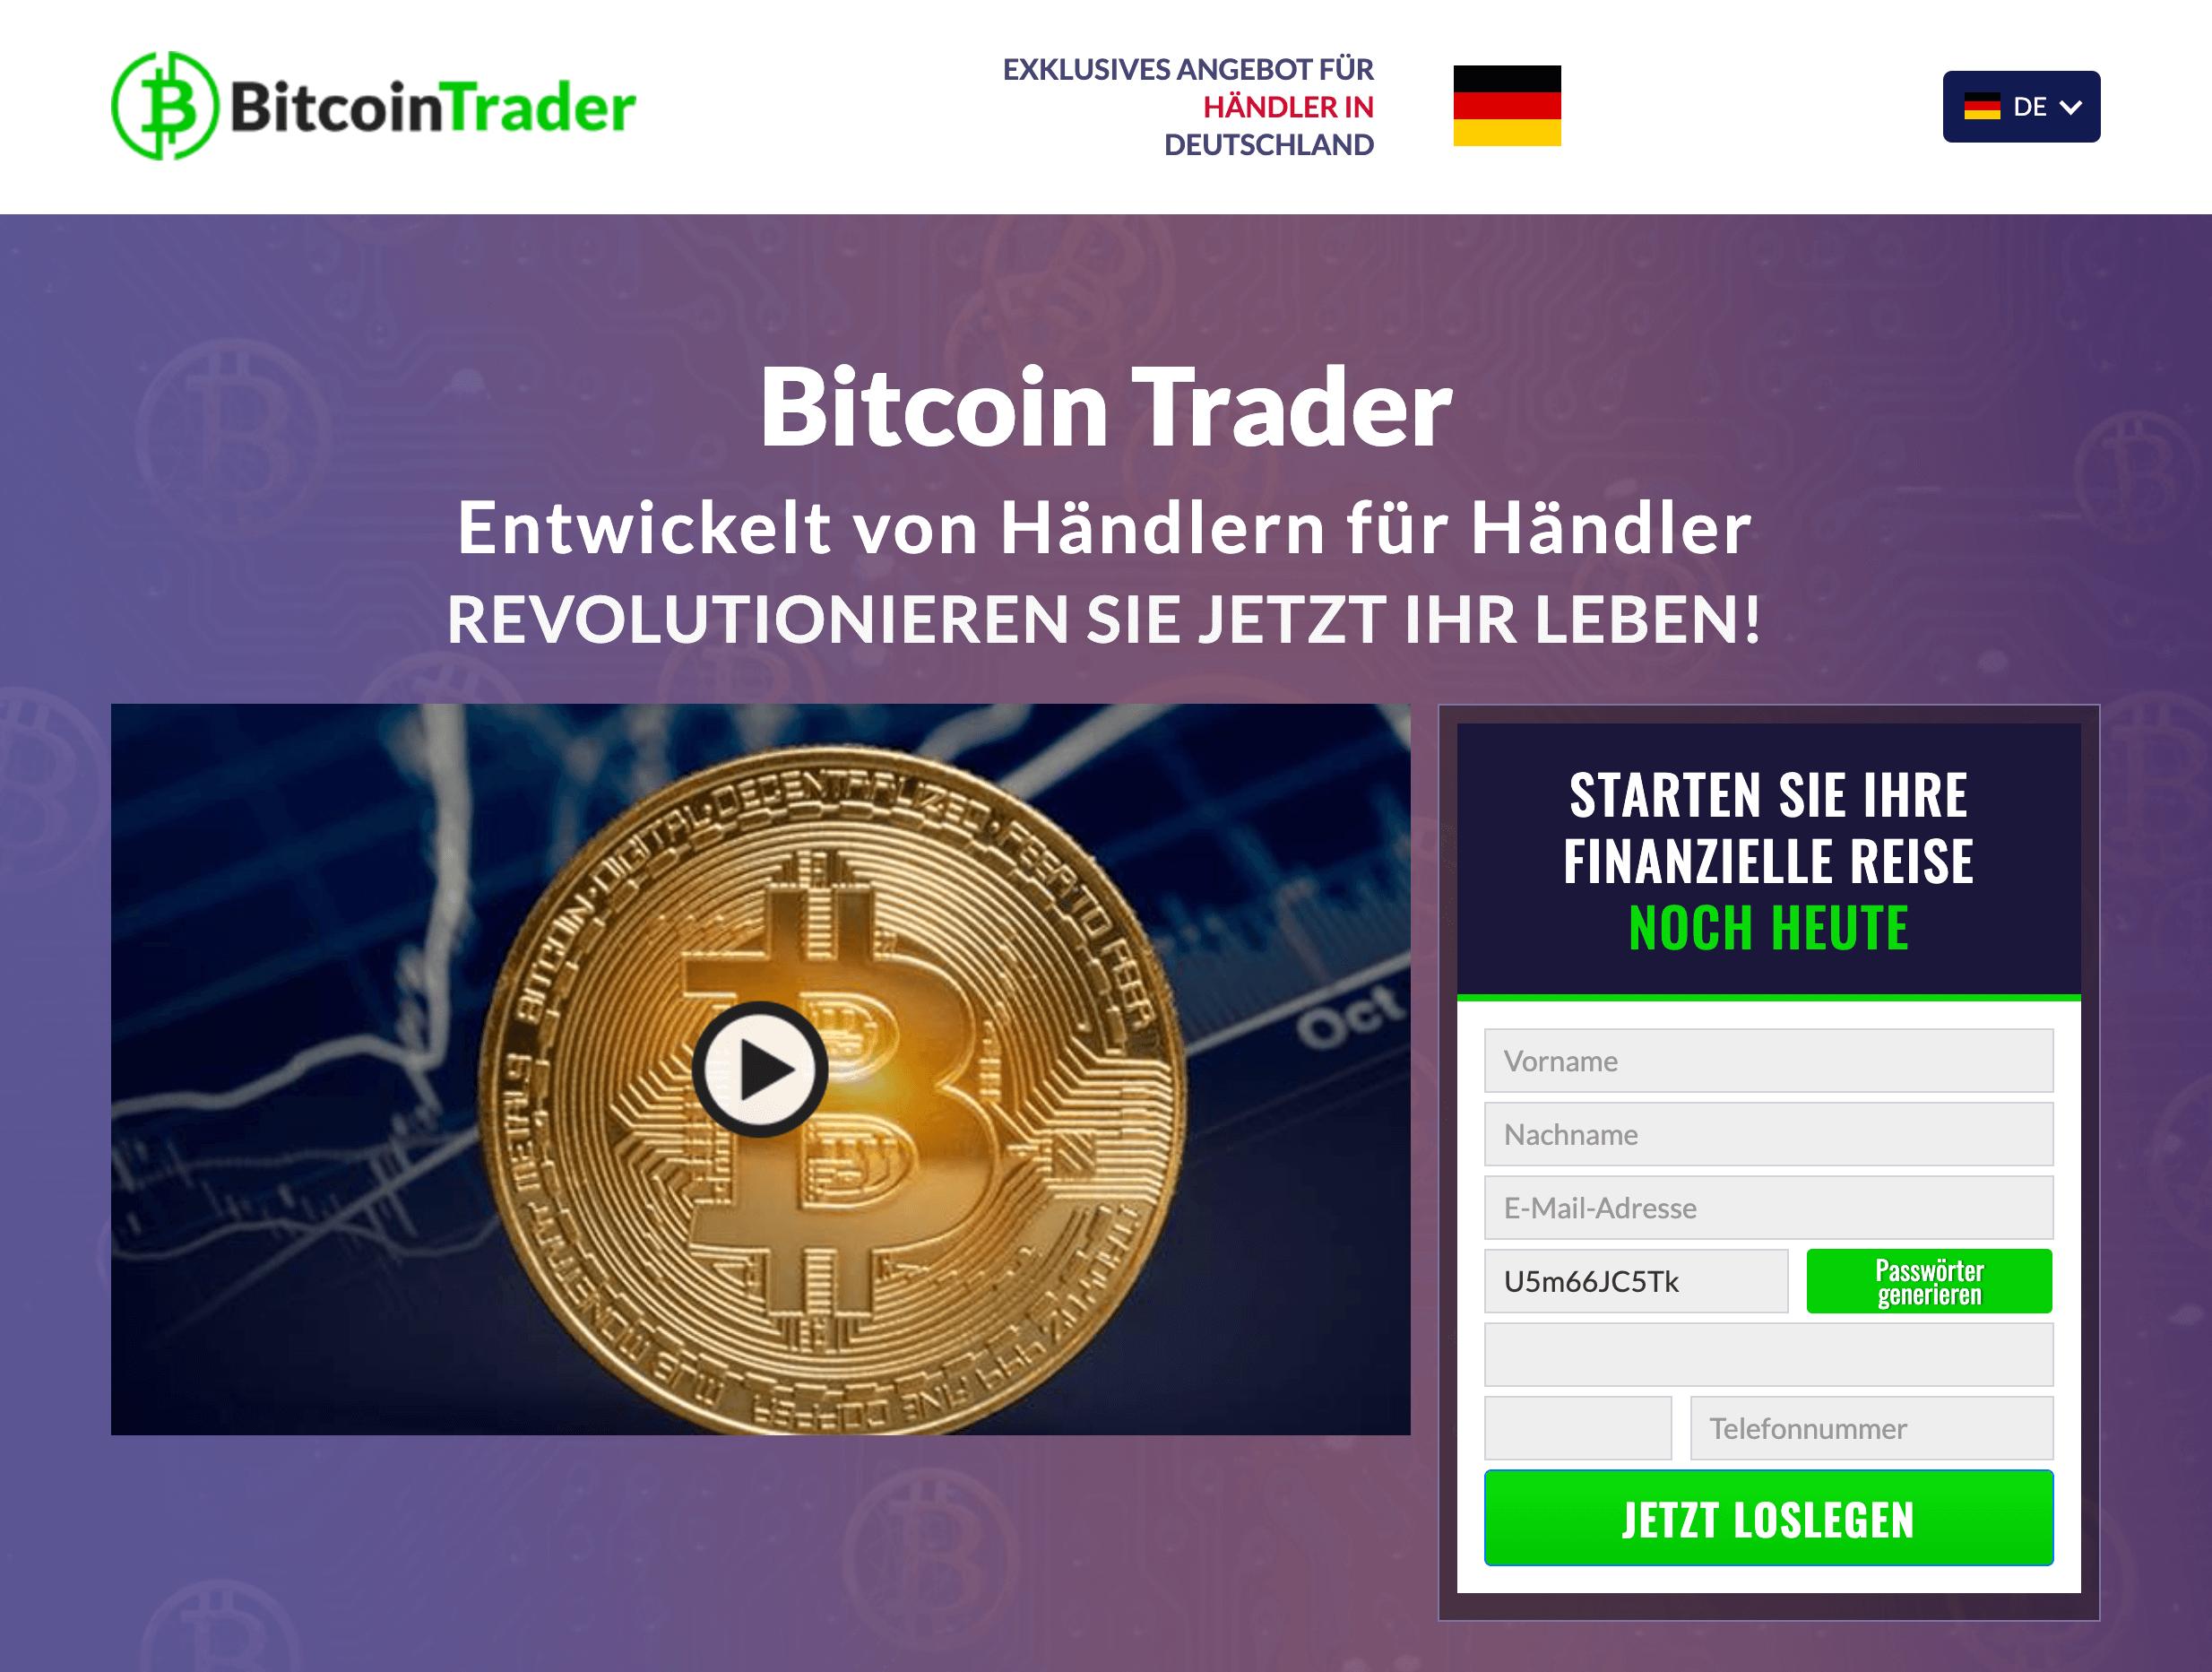 fx optionen iq option überprüfung der bitcoin-händler-website